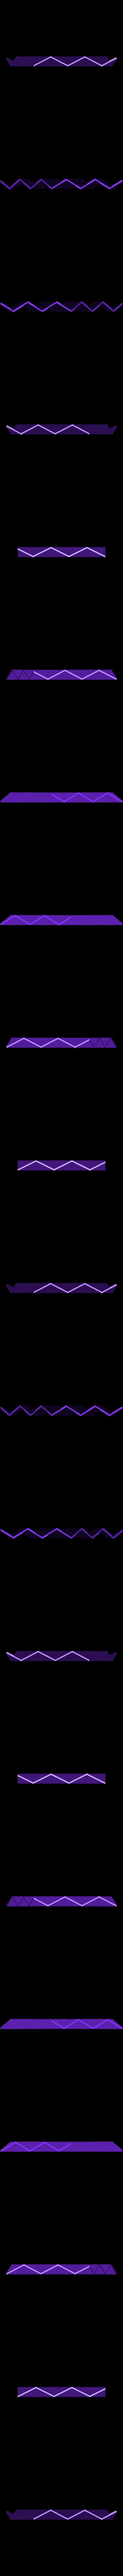 triangular_wave_desk_tidy.stl Télécharger fichier STL gratuit WAVE bureau rangé collection • Design à imprimer en 3D, tone001